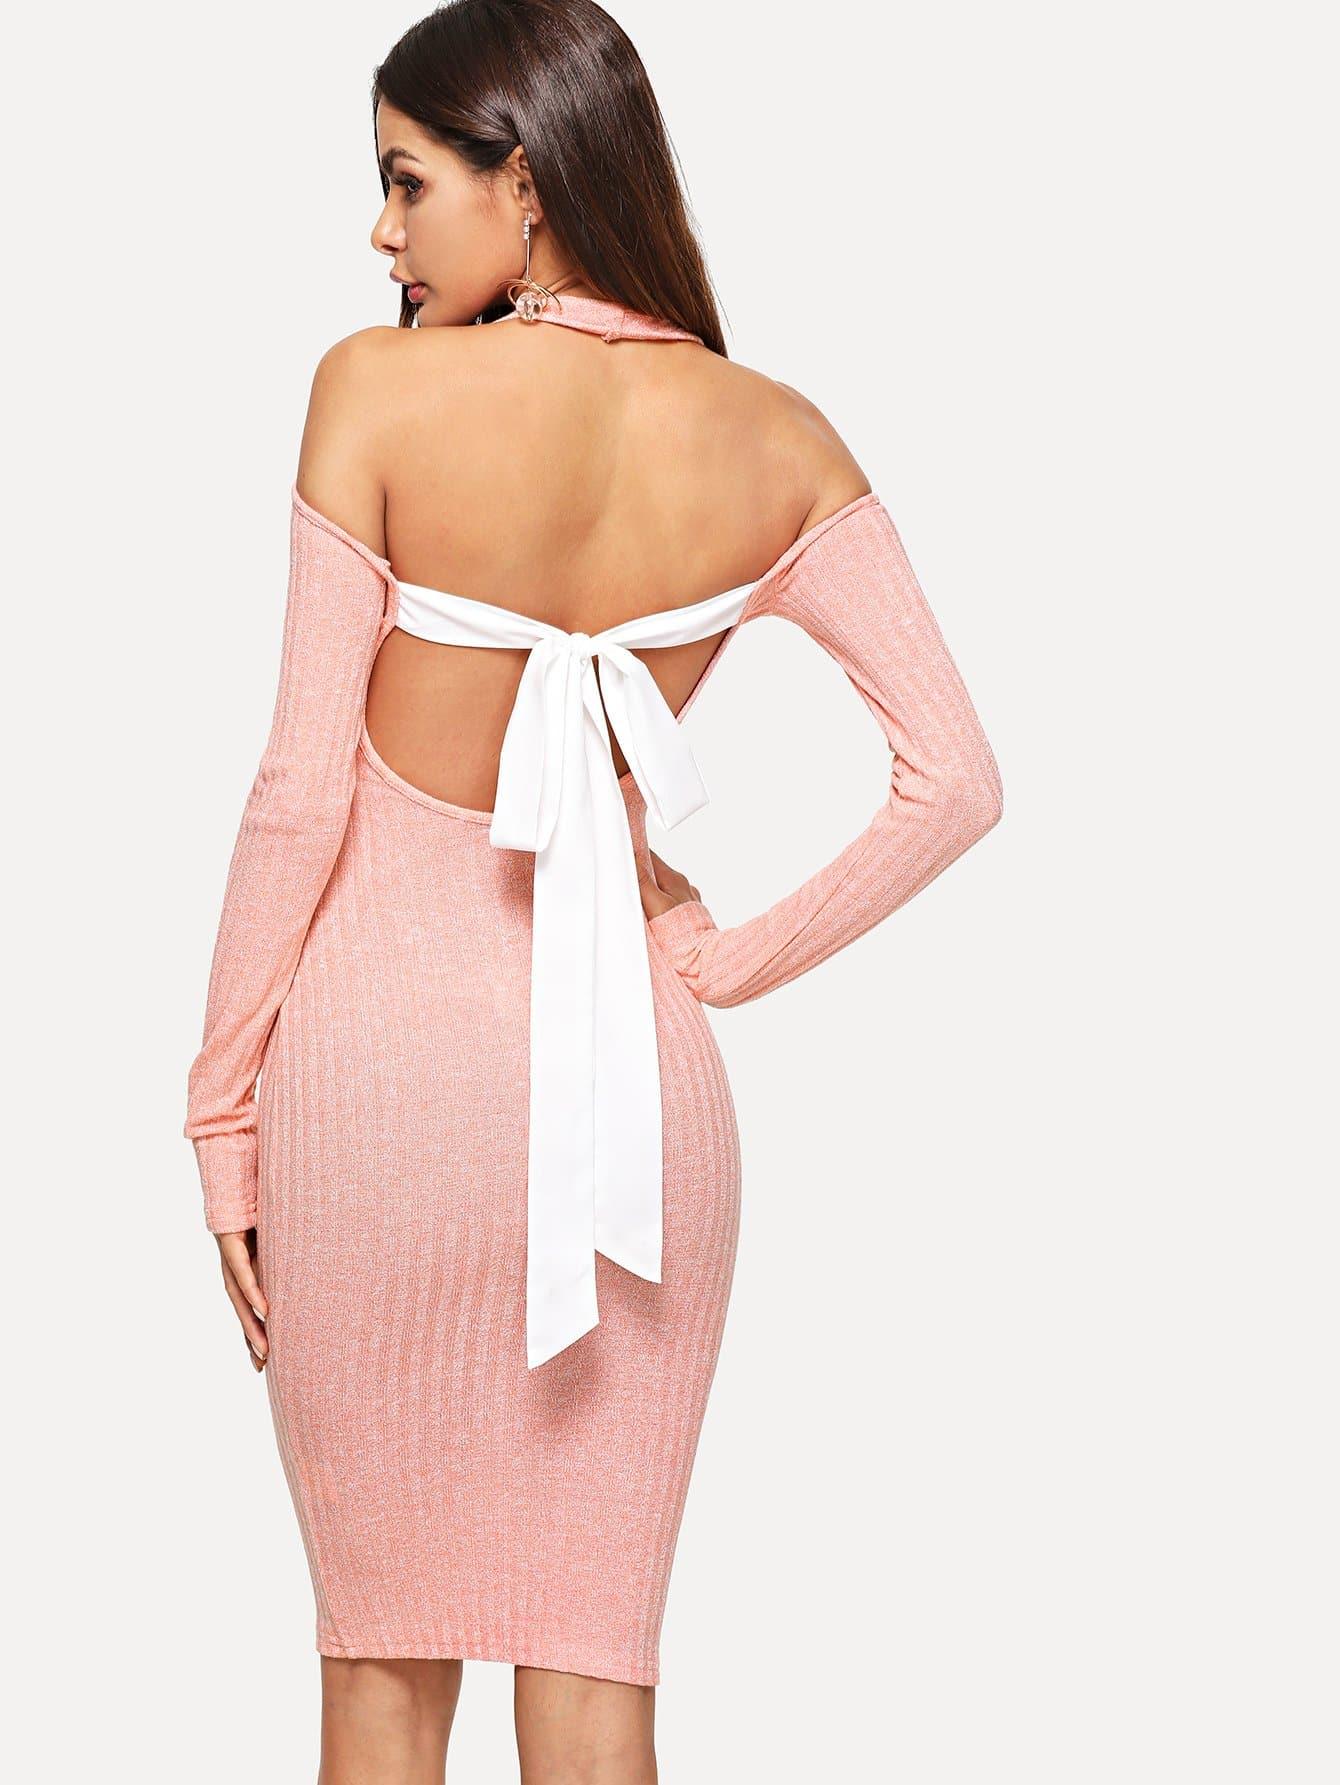 Contrast Bow Tie Open Back Space Dye Dress